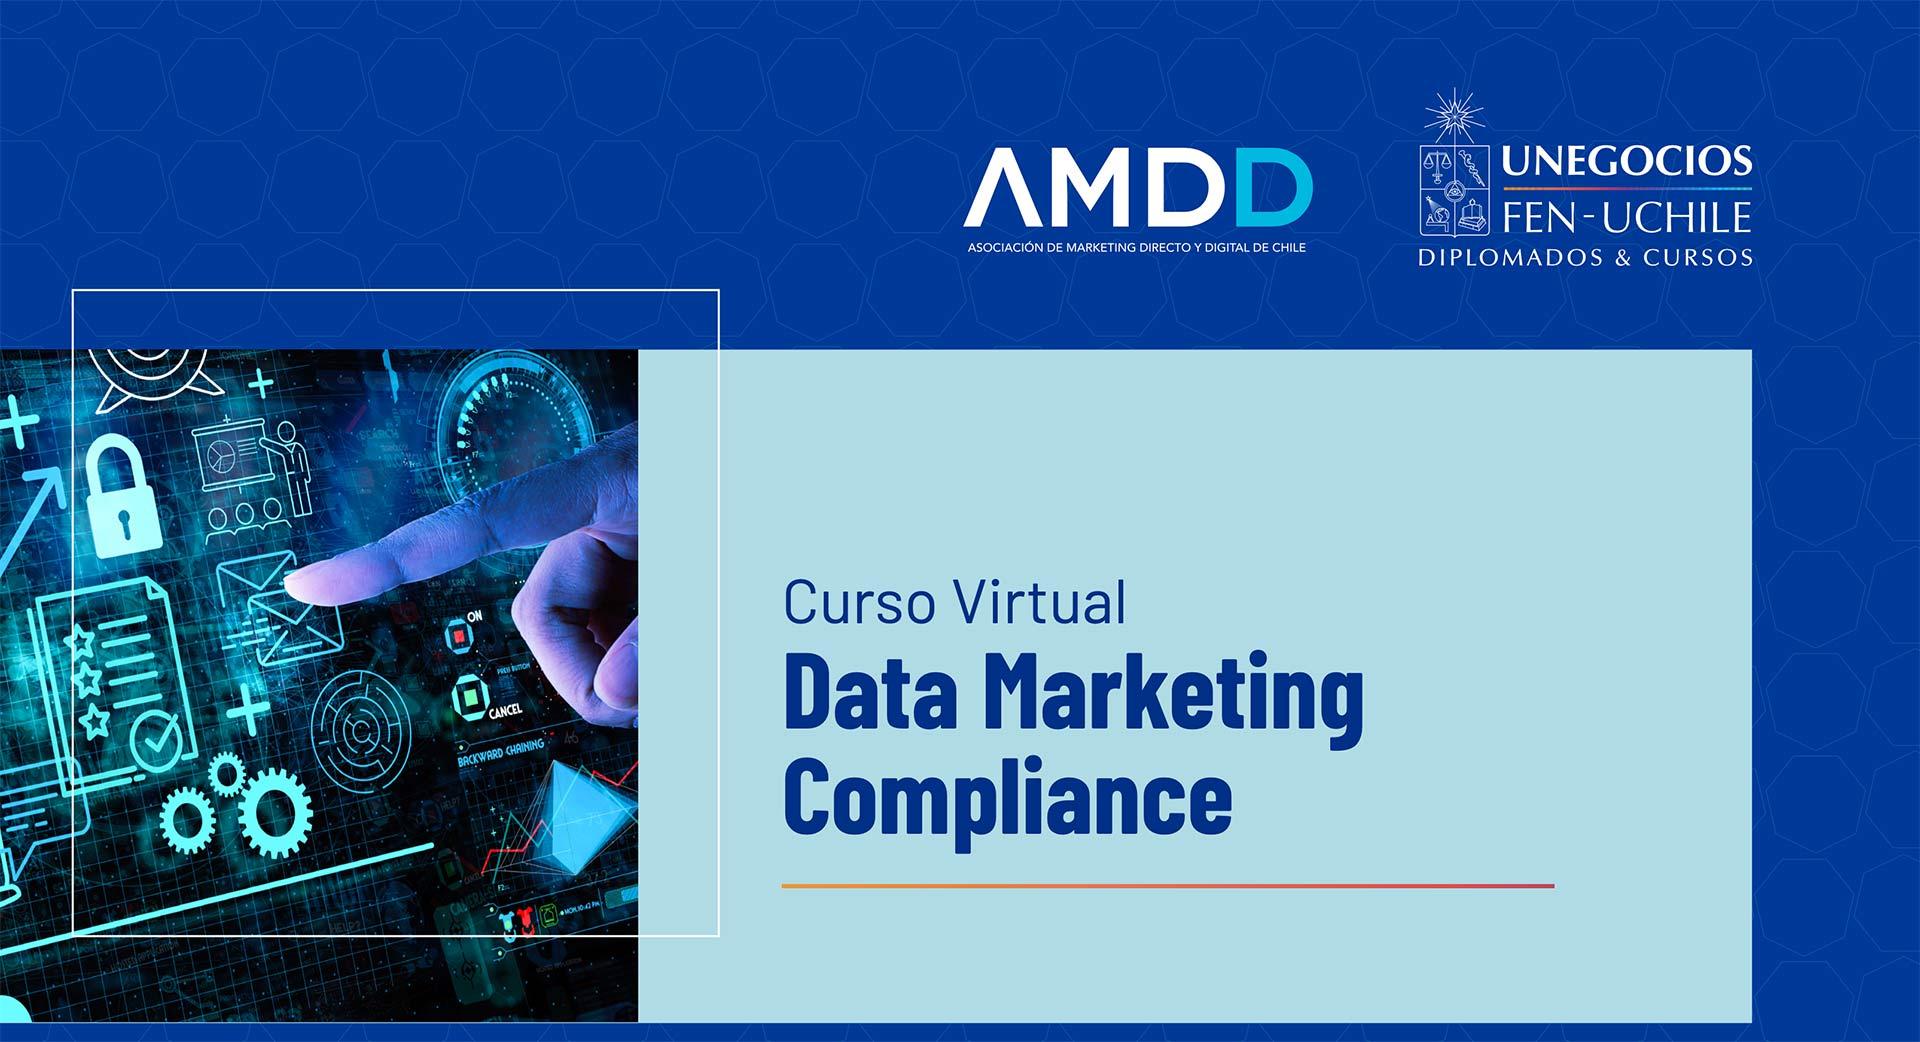 Unegocios_Curso data marketing compliance